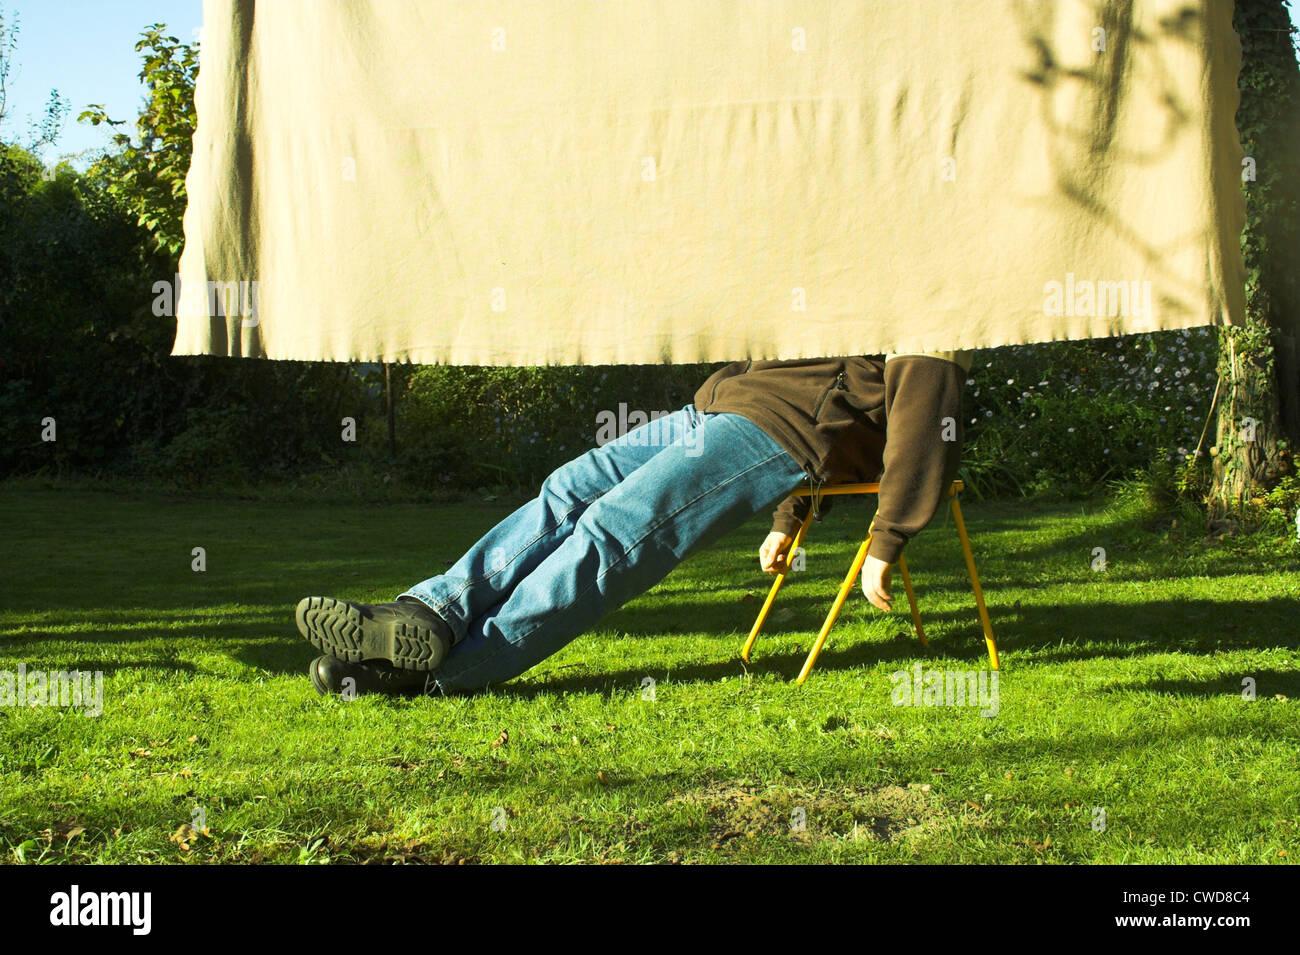 L'uomo,godimento,relax,appoggiata,relax,ricreazione Immagini Stock